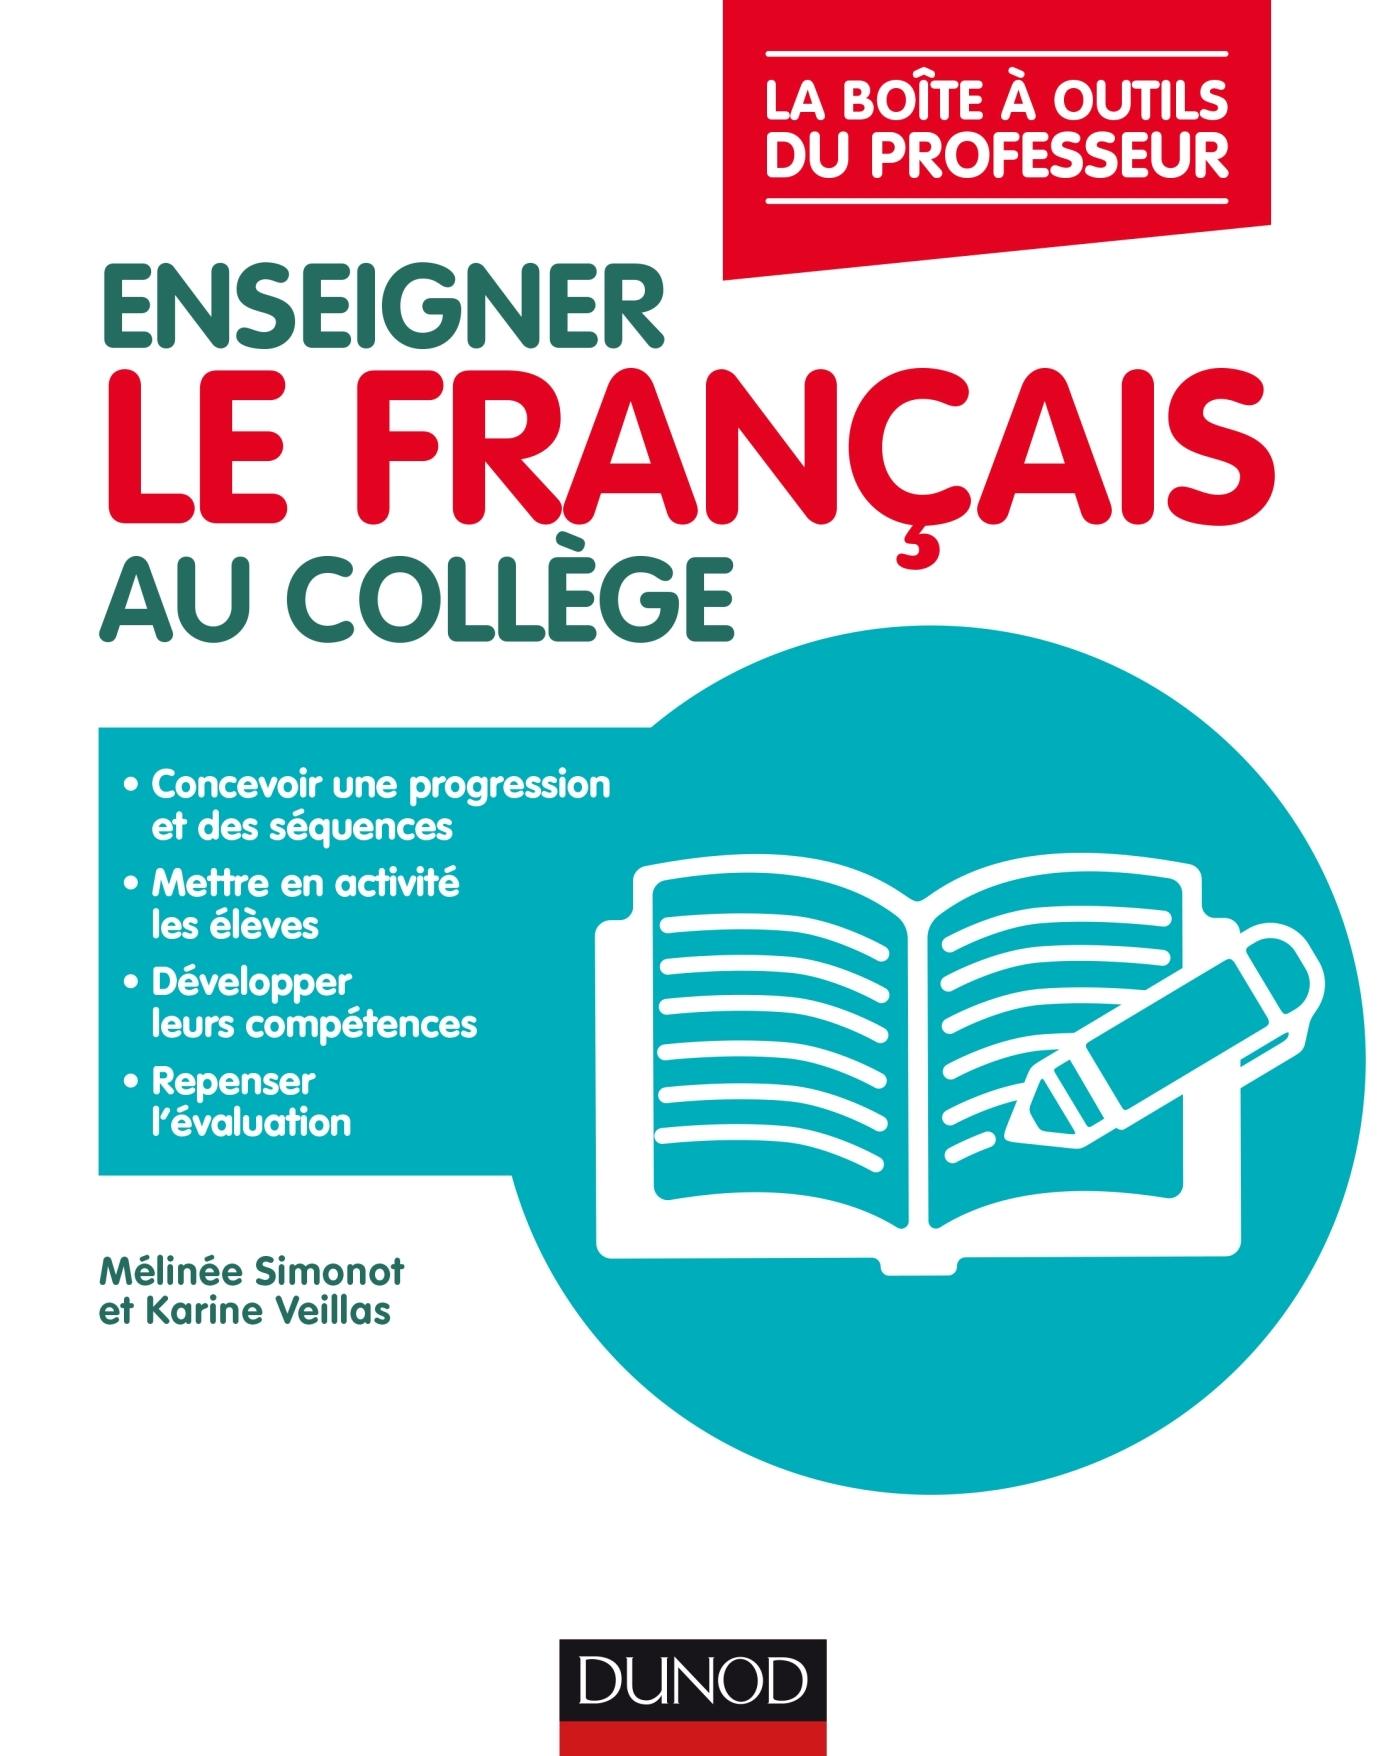 ENSEIGNER LE FRANCAIS AU COLLEGE - LA BOITE A OUTILS DU PROFESSEUR